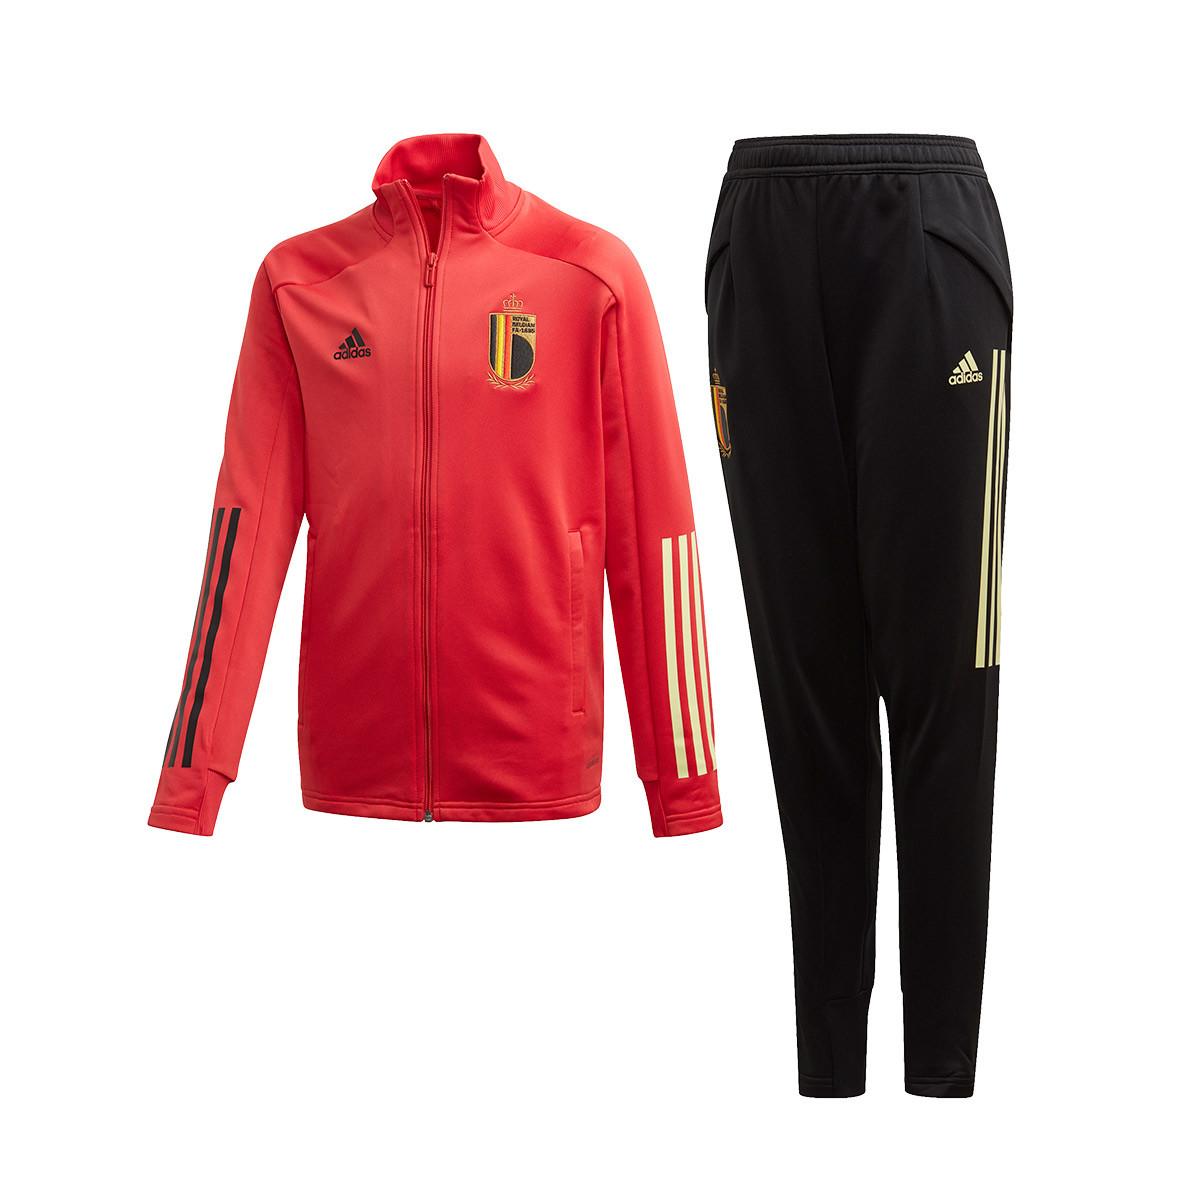 Espesar Oblea estoy de acuerdo con  Chándal adidas Belgica Paseo 2019-2020 Niño Glory red-Black - Tienda de  fútbol Fútbol Emotion